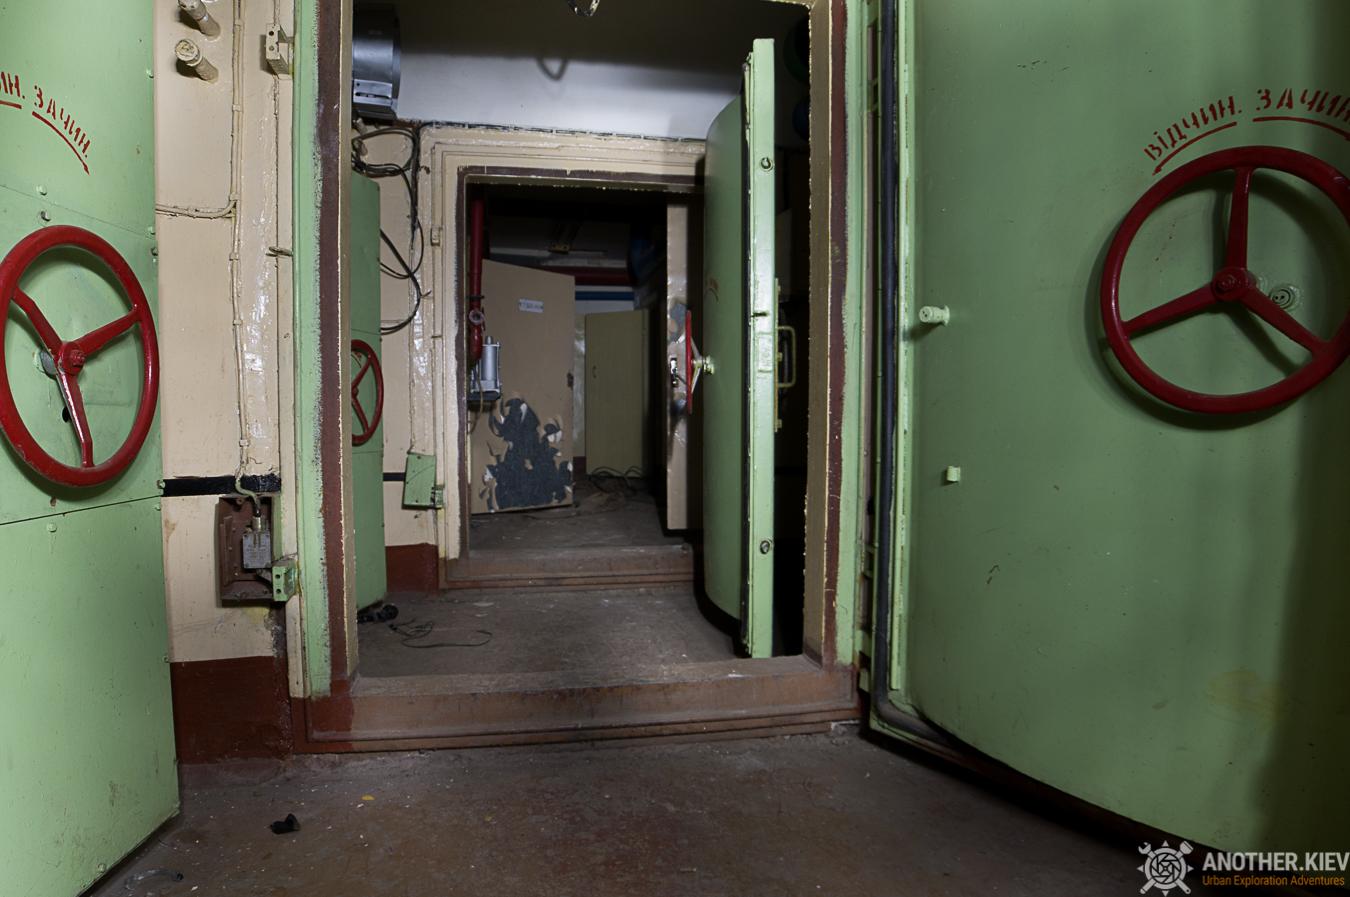 bunker civil defence entrance